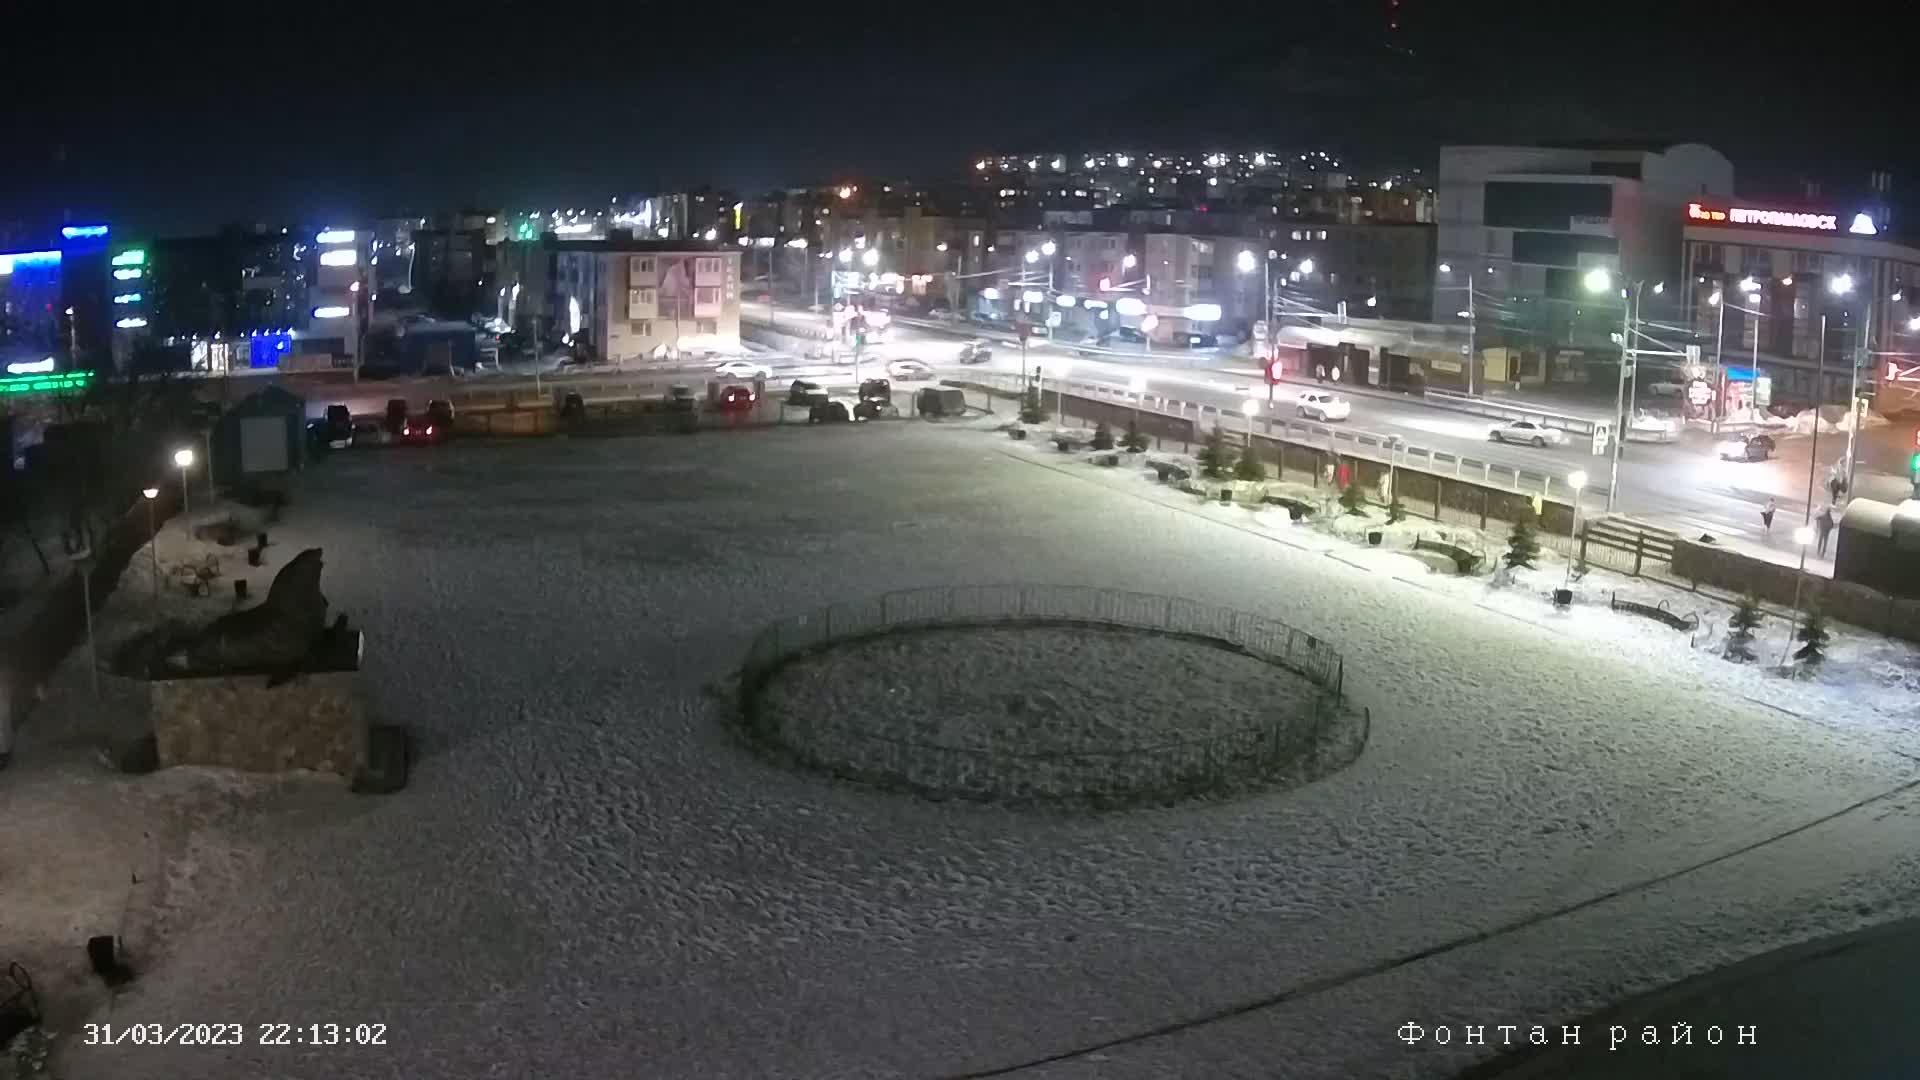 webcam Petropavlovsk-Kamtchatski